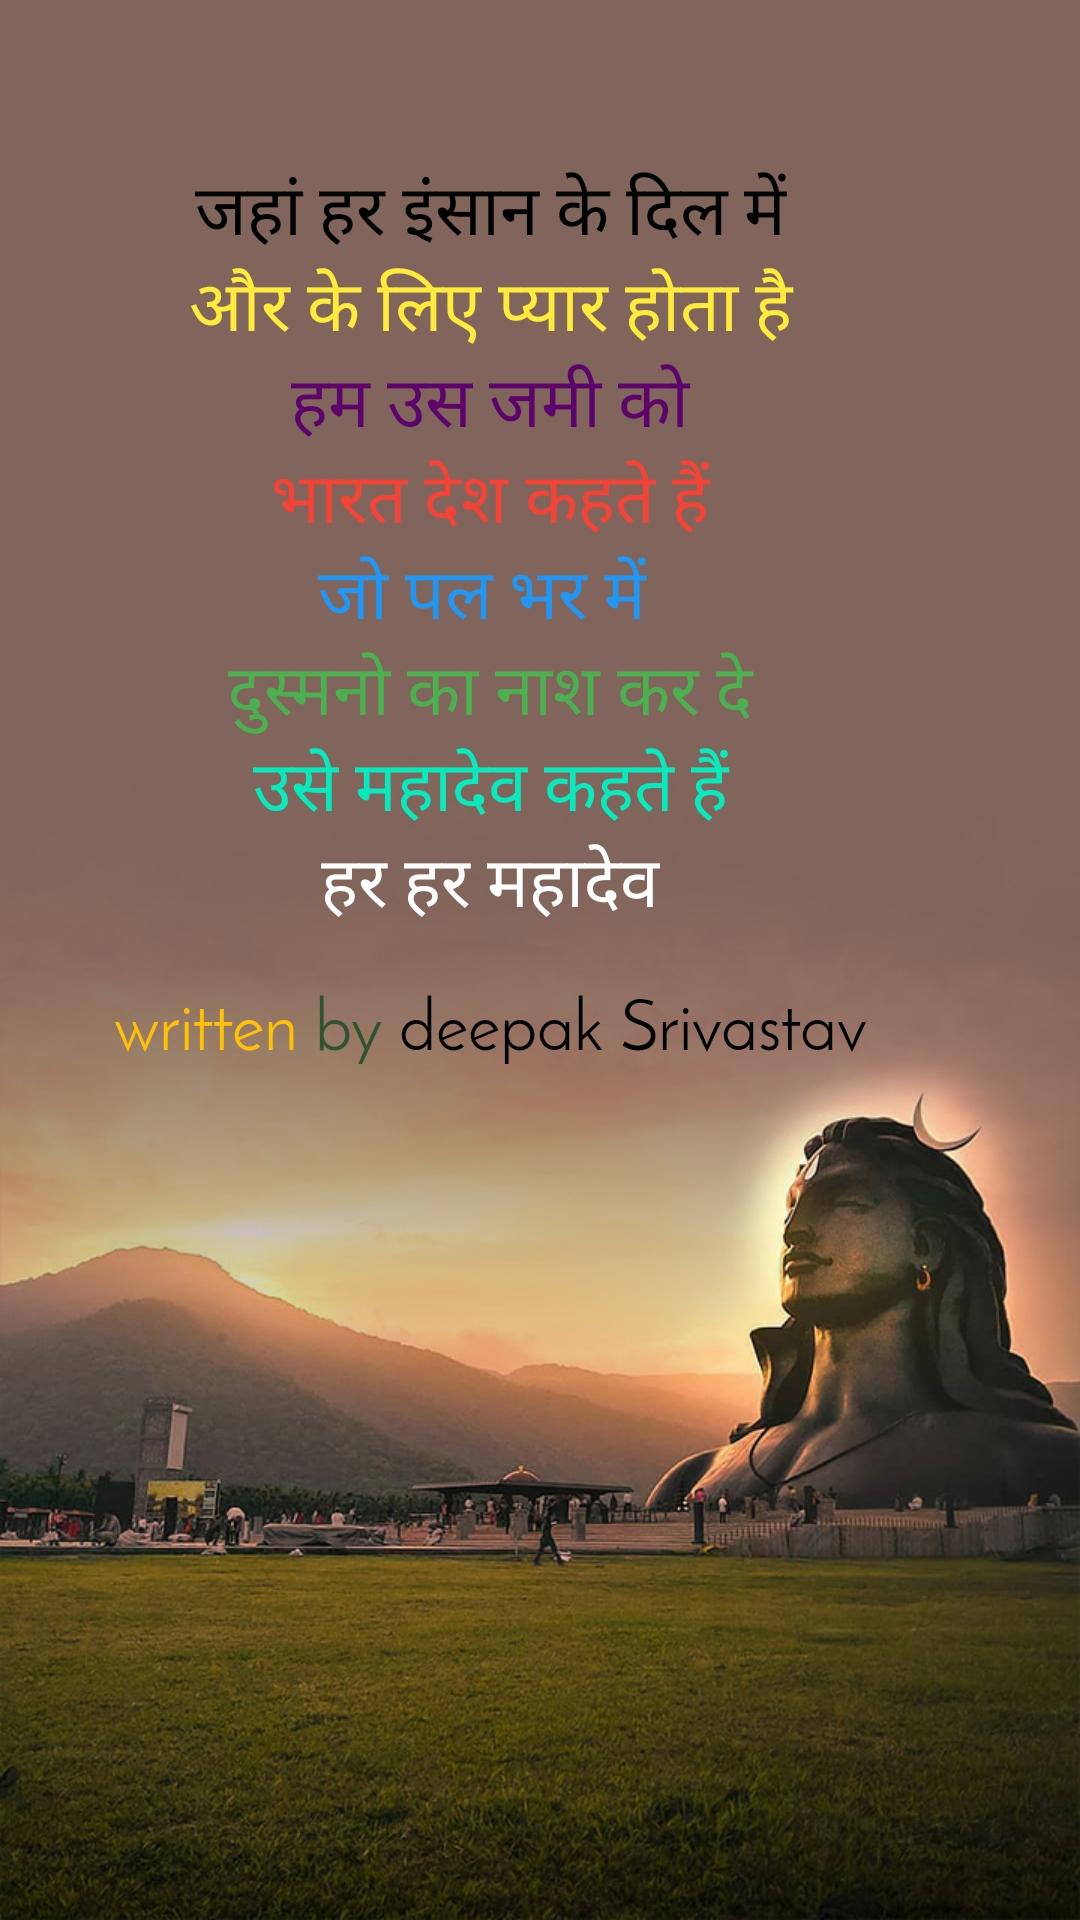 जहां हर इंसान के दिल में  और के लिए प्यार होता है हम उस जमी को भारत देश कहते हैं जो पल भर में  दुस्मनो का नाश कर दे उसे महादेव कहते हैं हर हर महादेव  written by deepak Srivastav